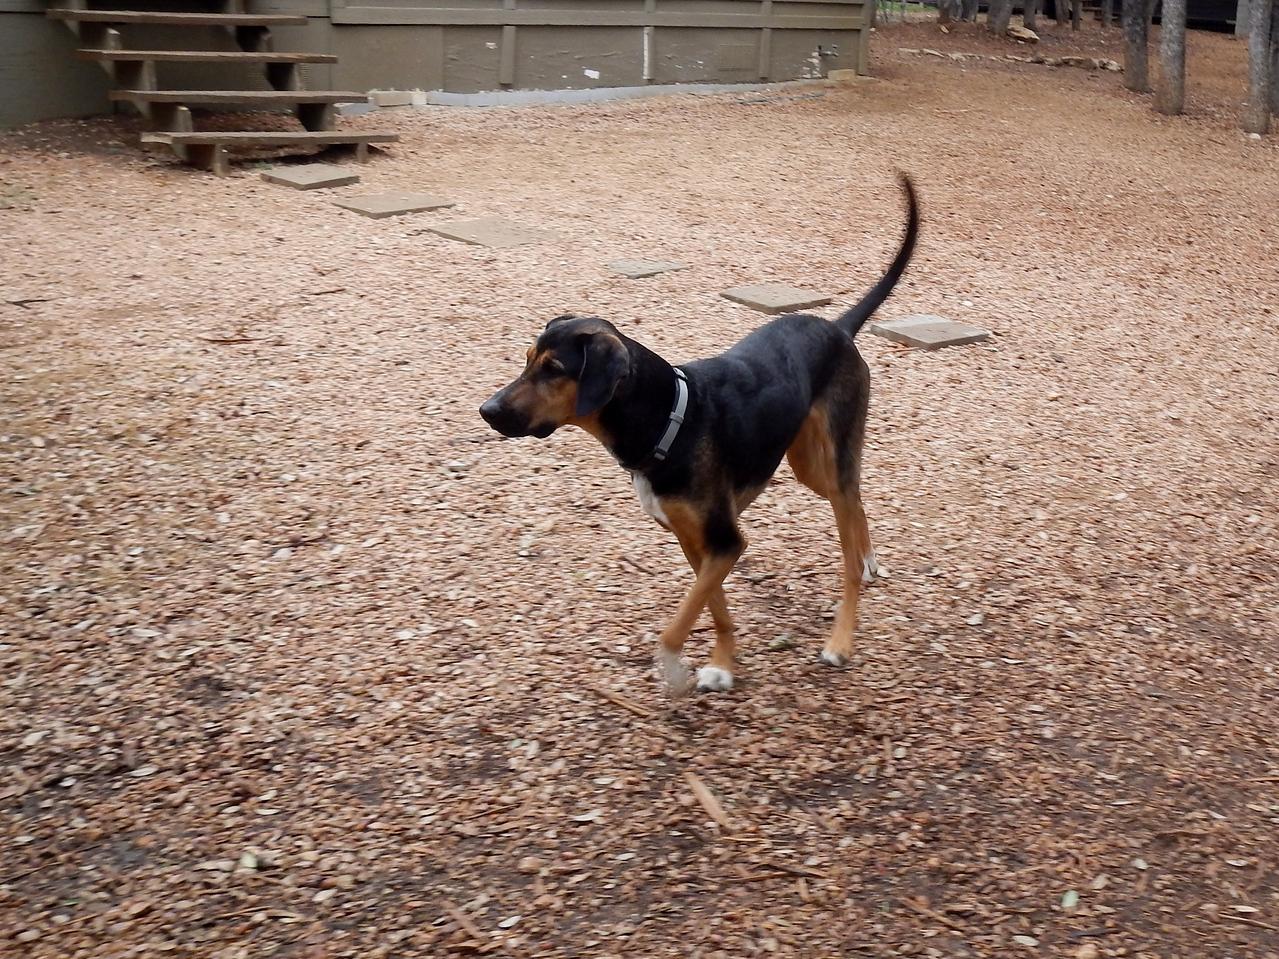 Cleo prancing around the yard